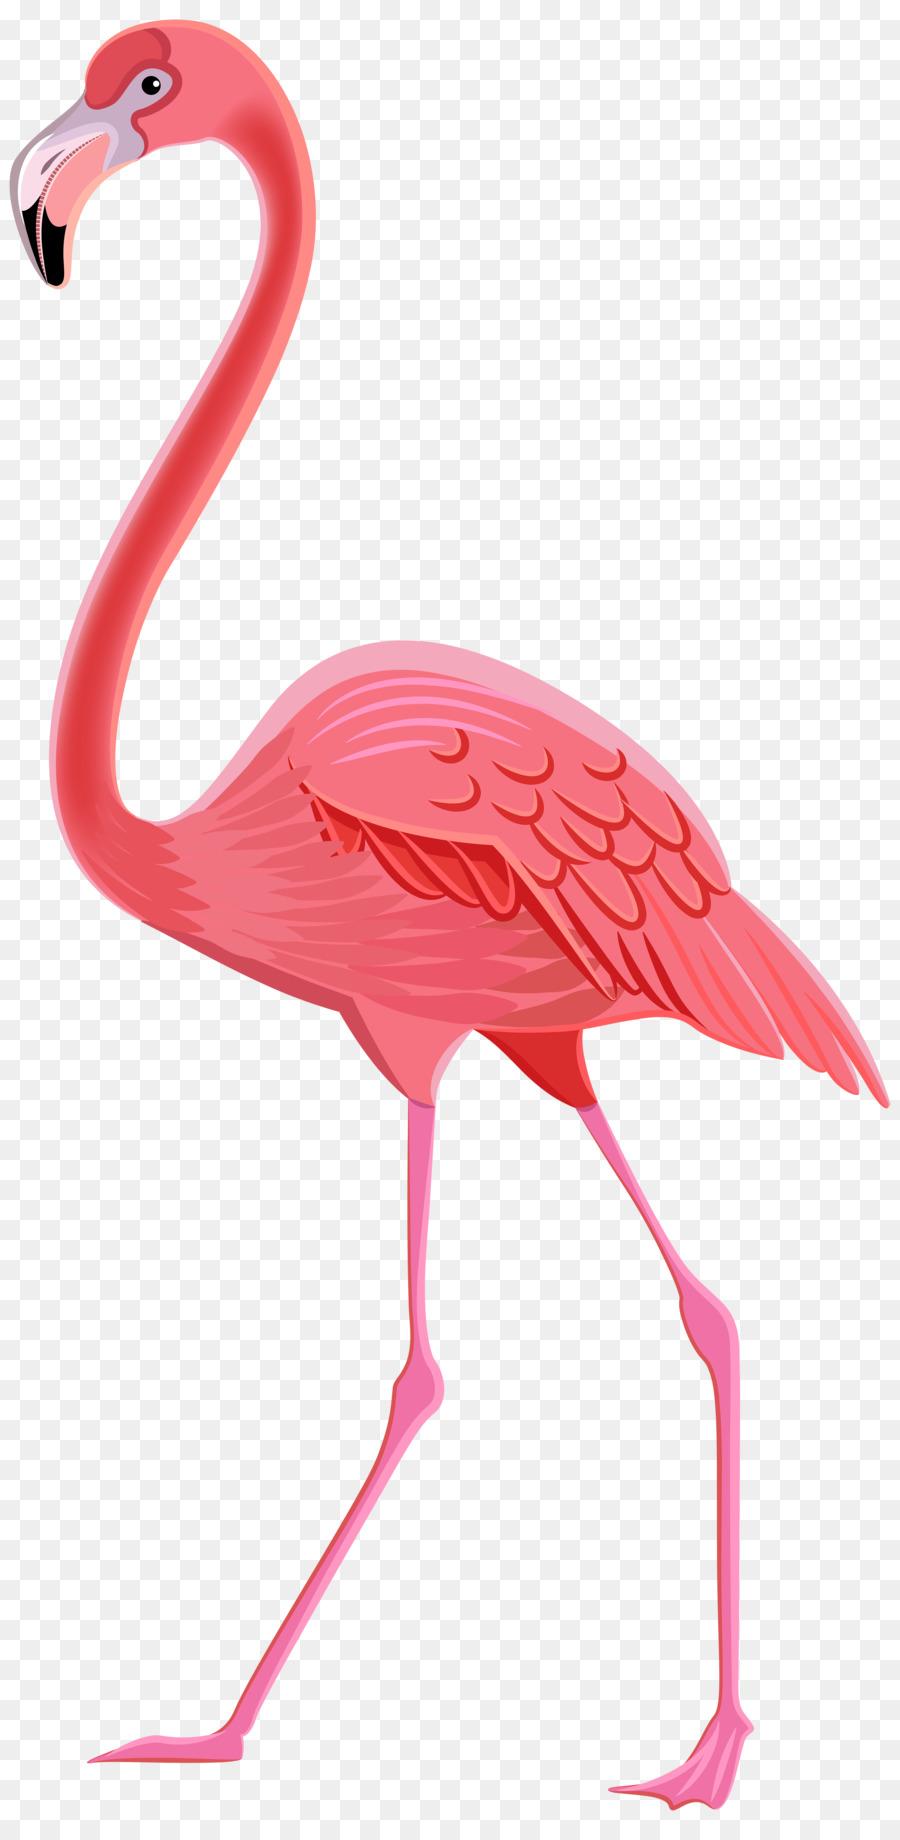 Descarga gratuita de Flamingo, Dibujo, Postscript Encapsulado Imágen de Png